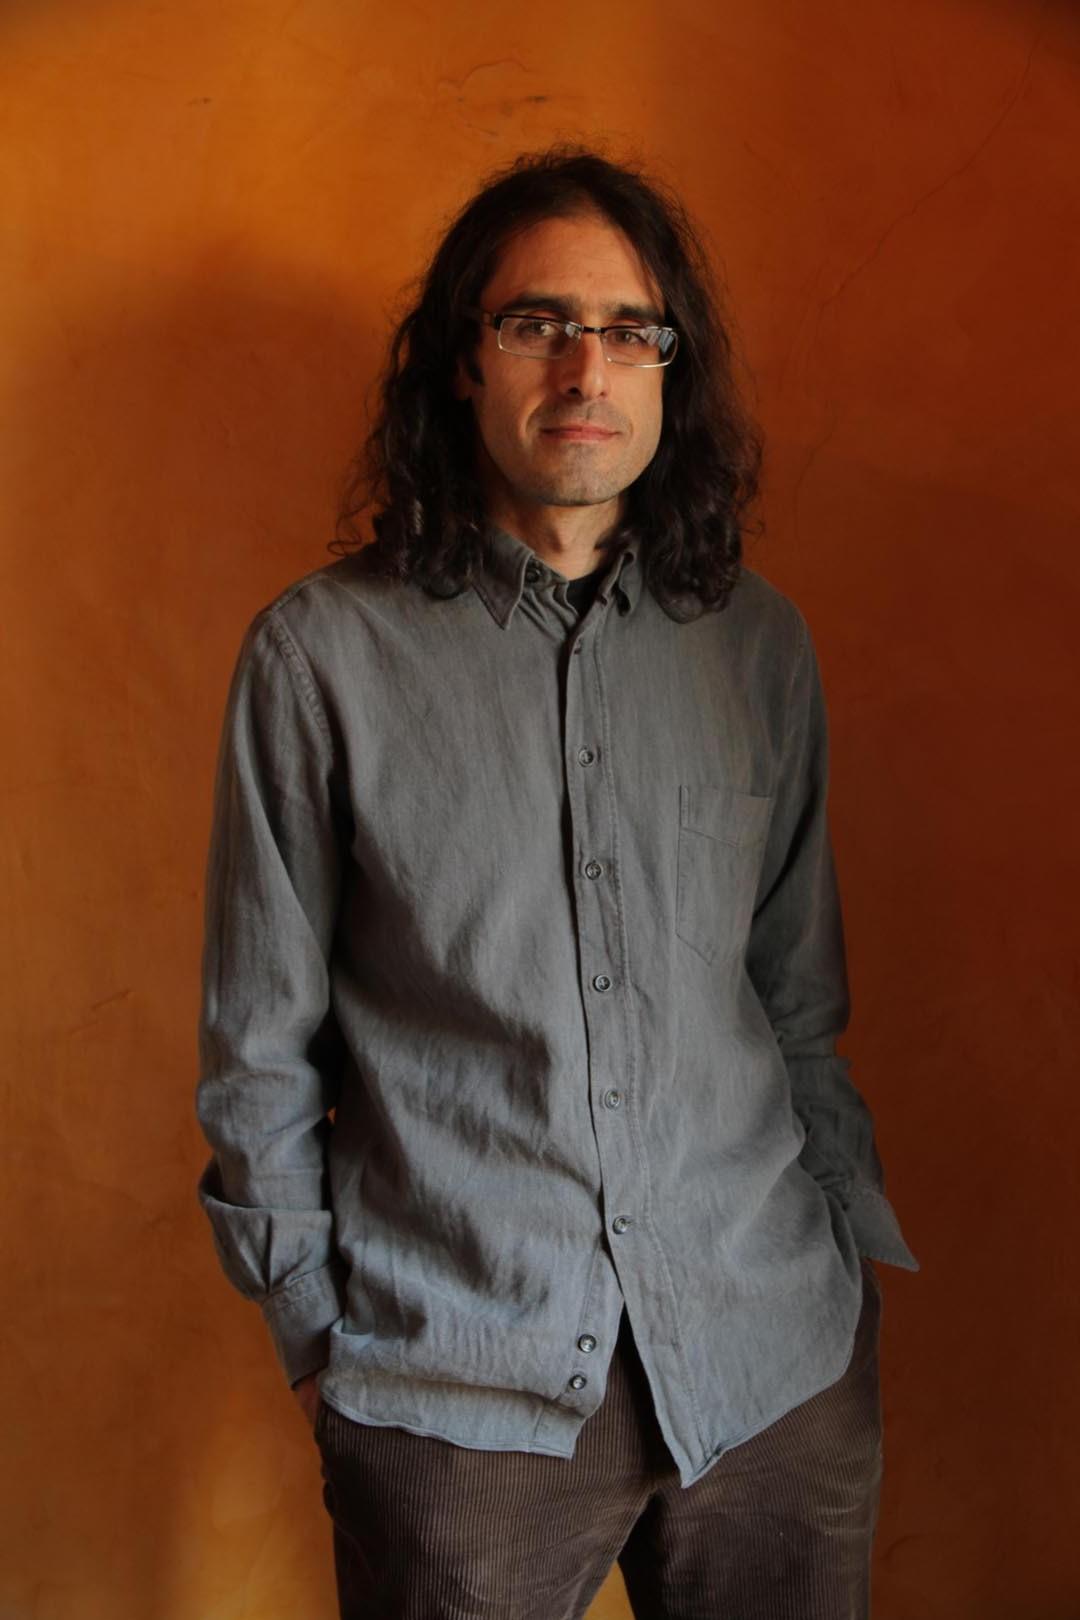 Jordi Servosa i Roca